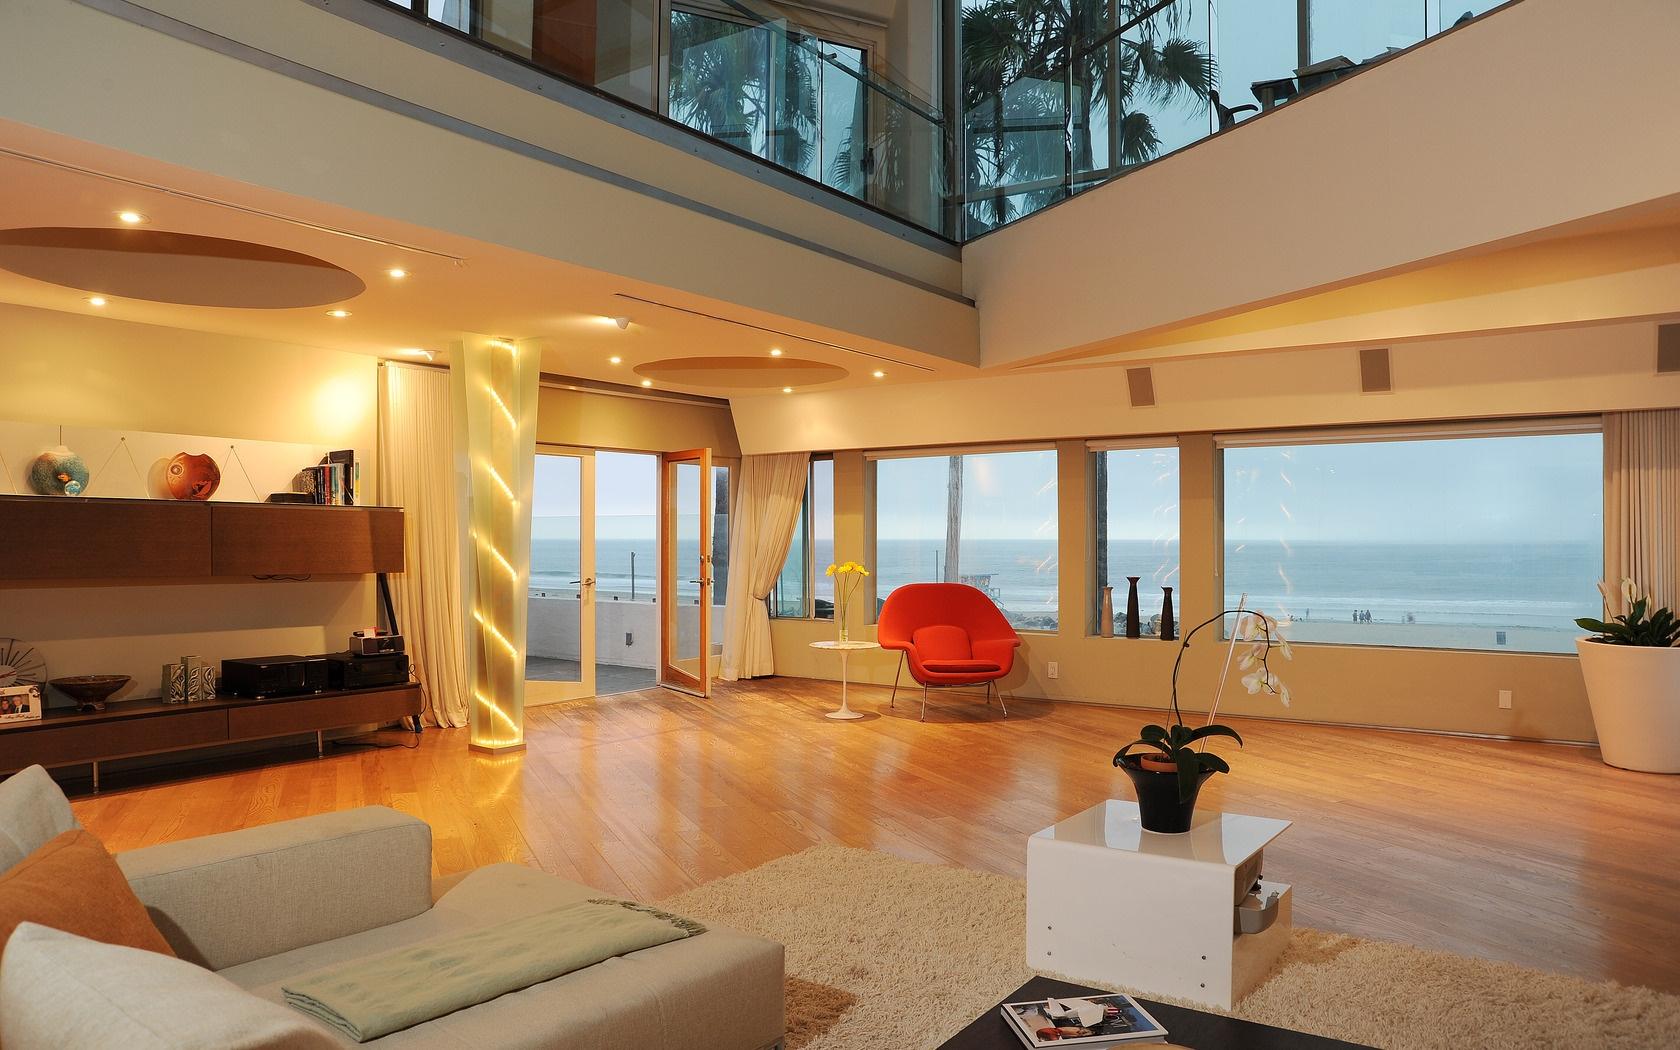 Fondos de pantalla habitaci n interior casa moderno for Estilo moderno diseno de interiores caracteristicas